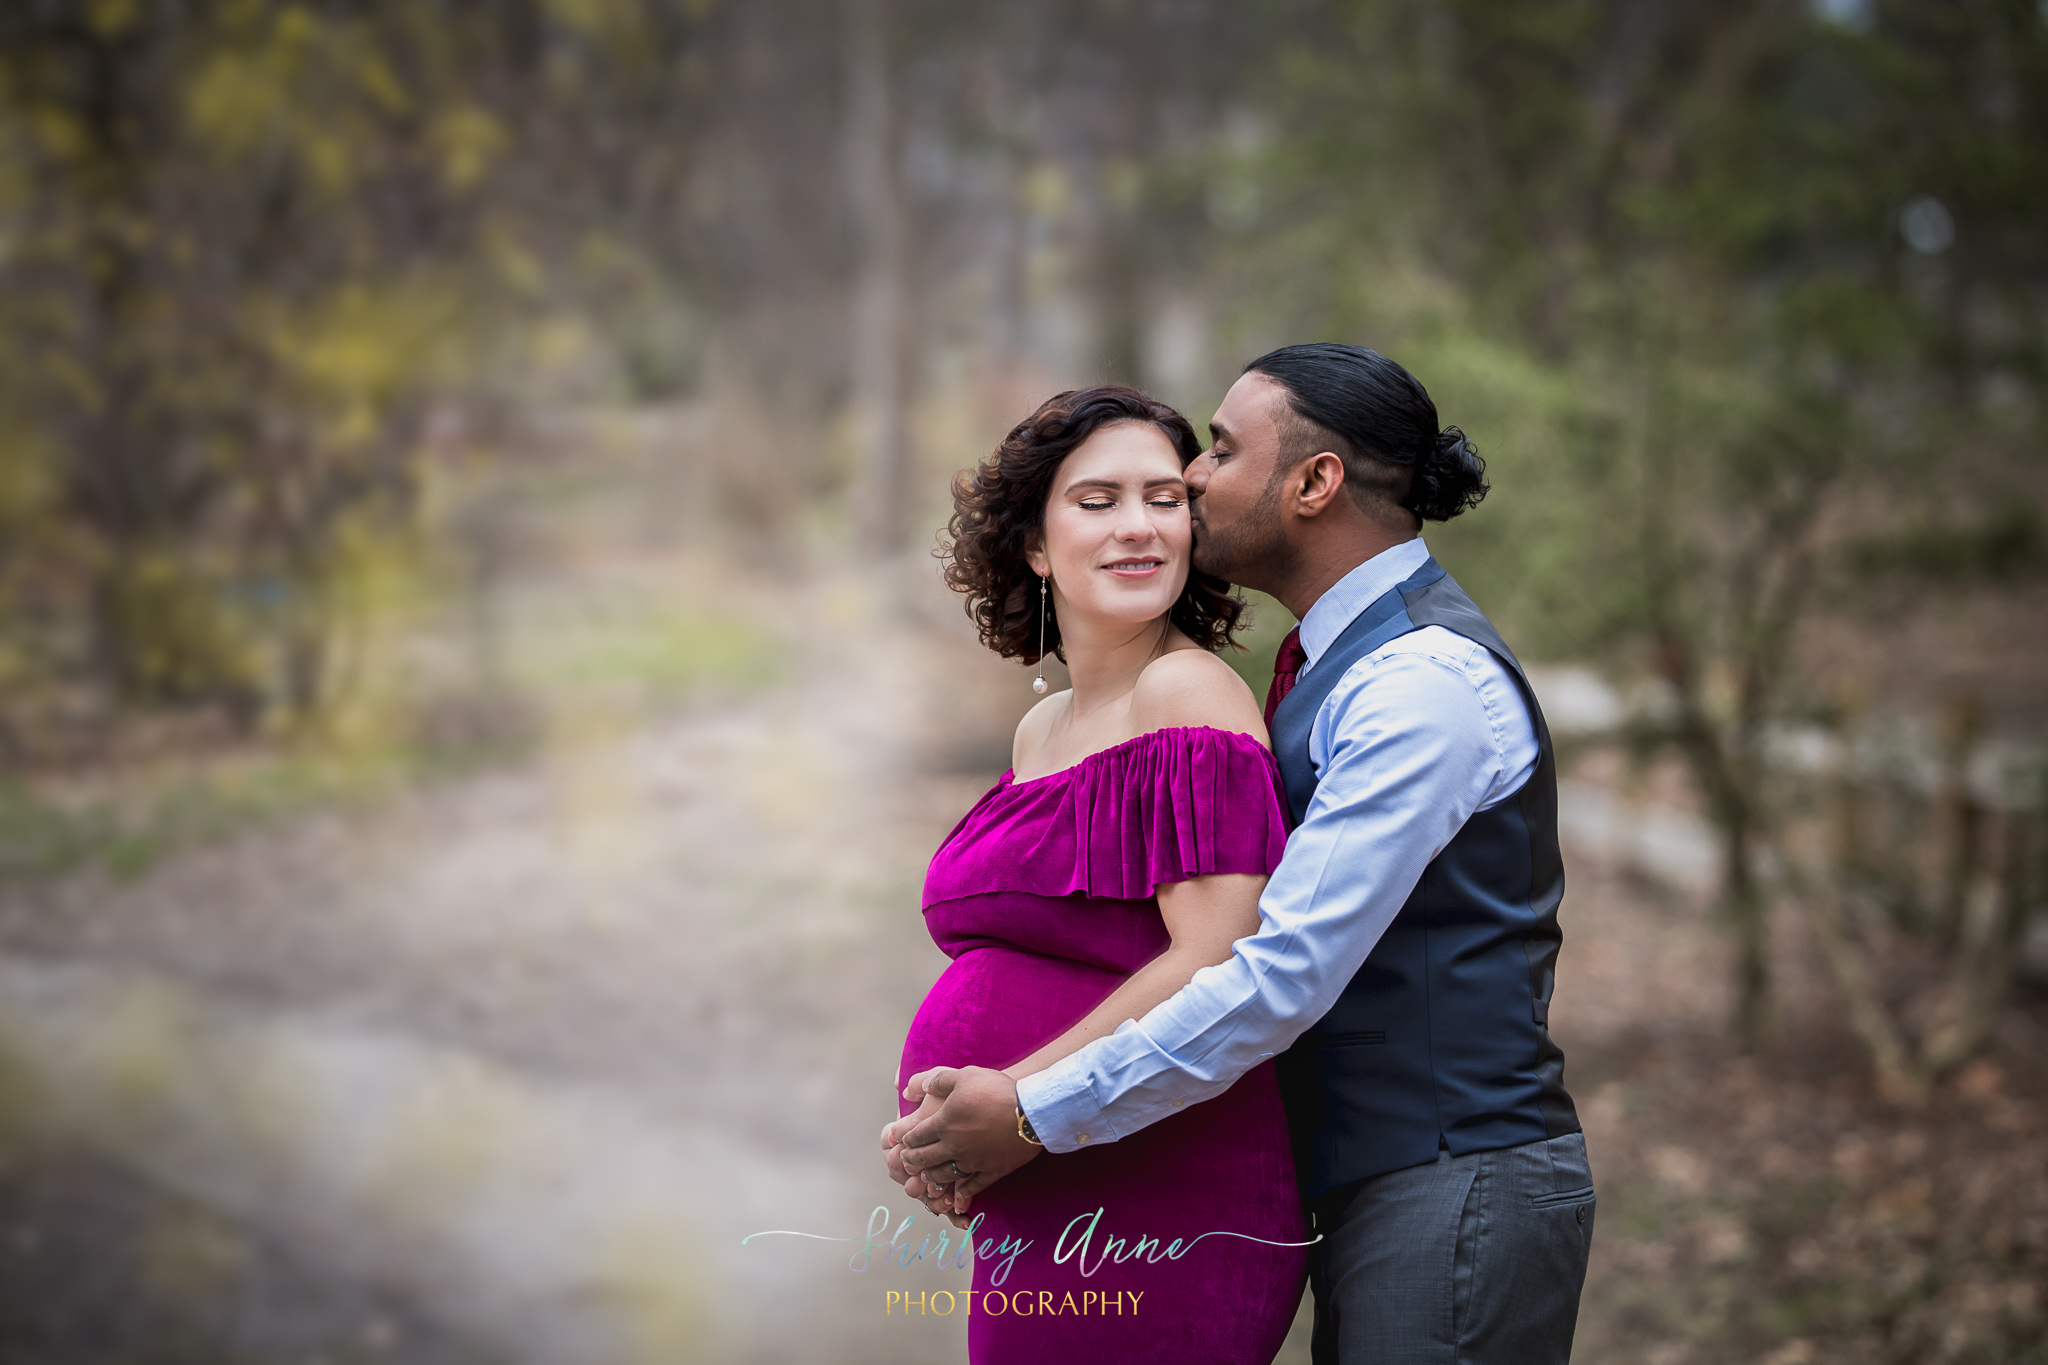 Raquel-Maternity-Sneak Peek (1 of 1).jpg